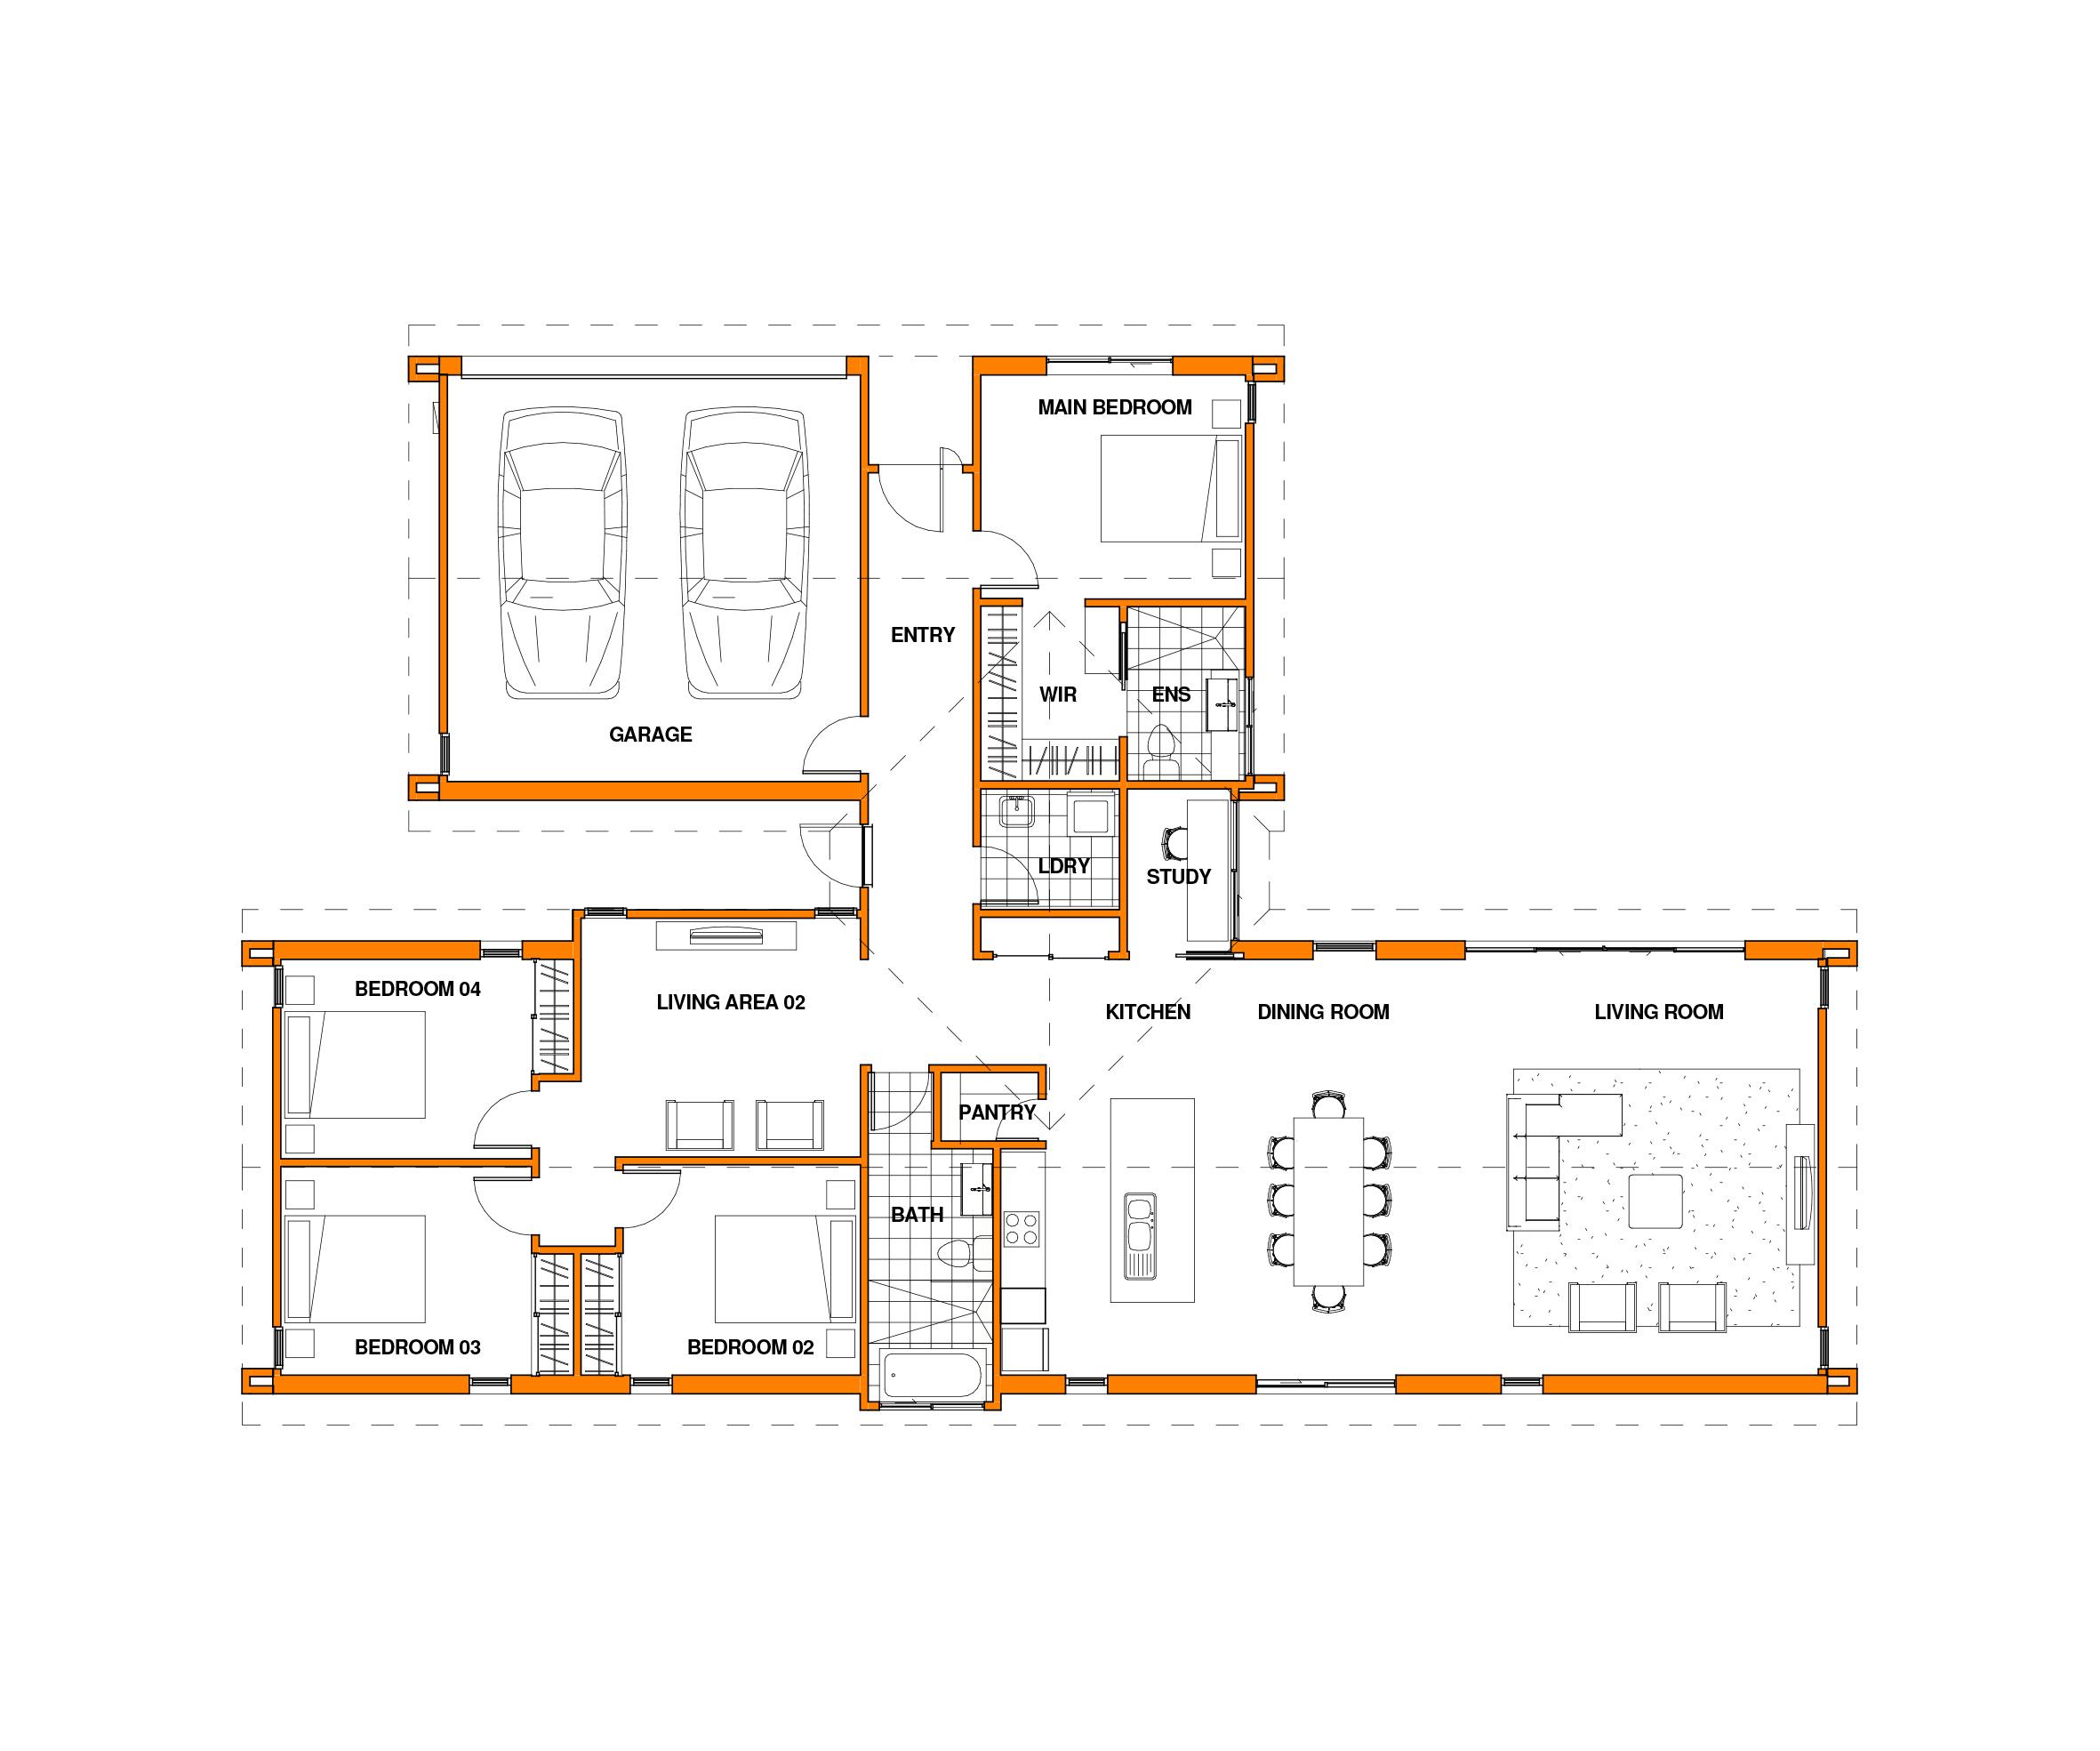 W_023_Plan.jpg